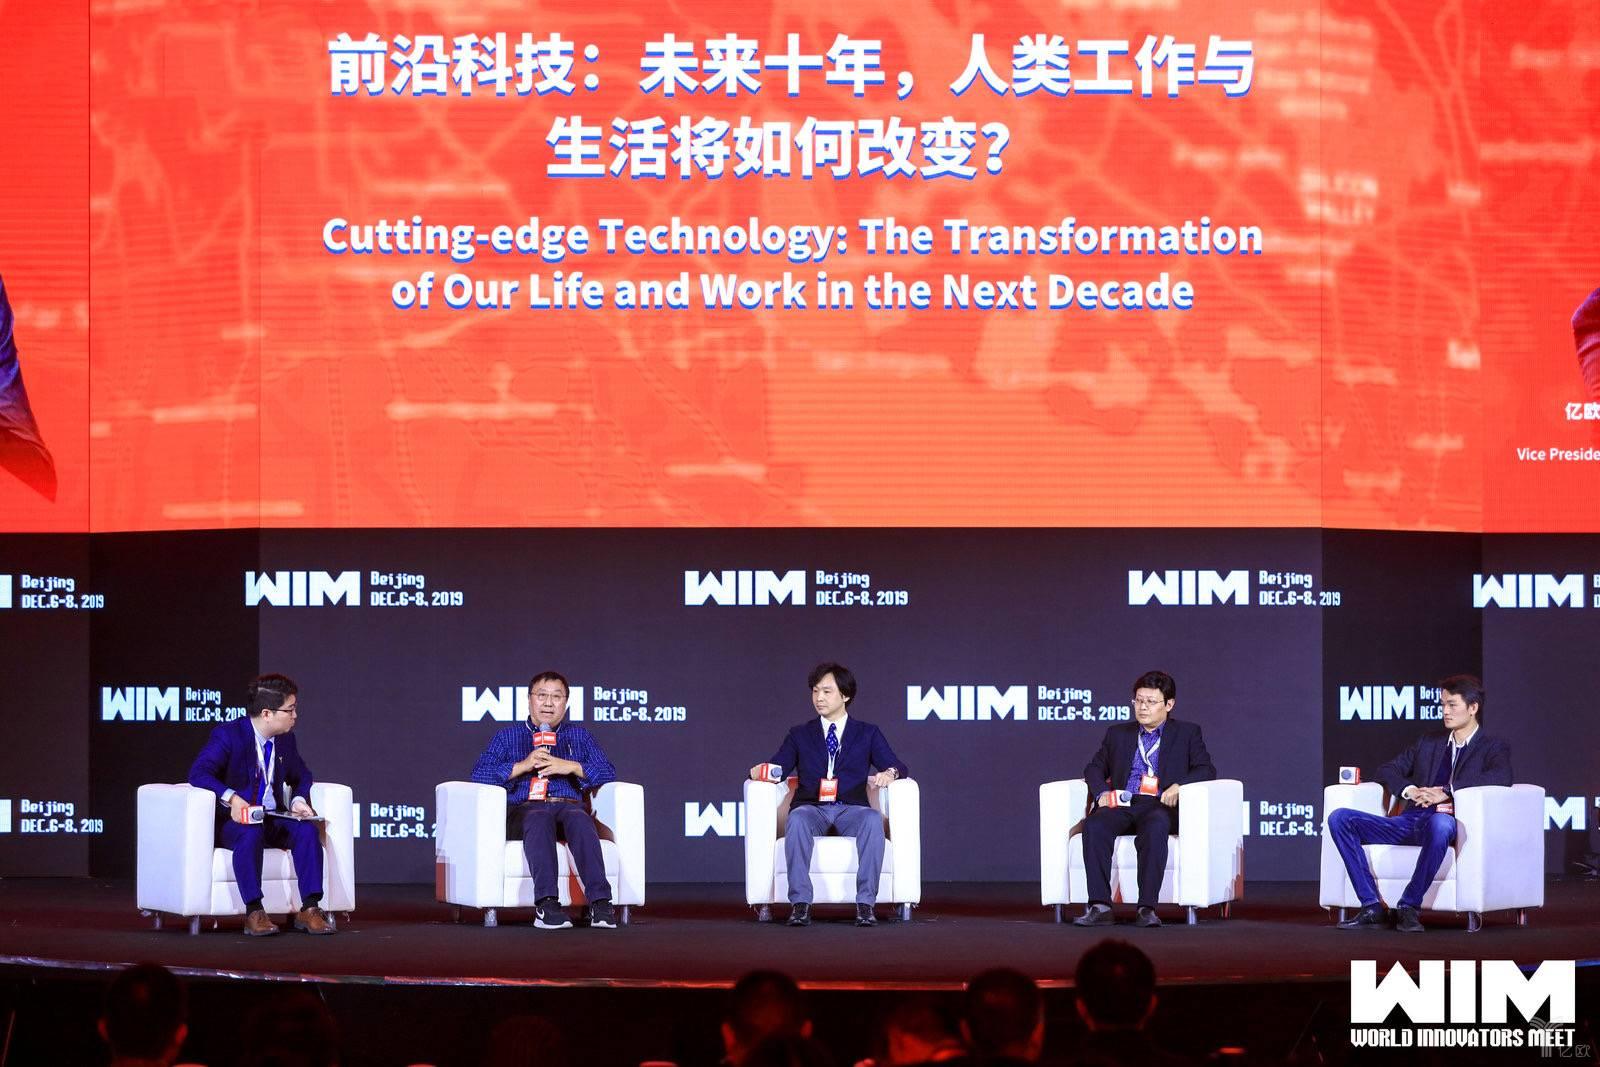 前沿科技:未来十年,人类工作与生活将如何改变?